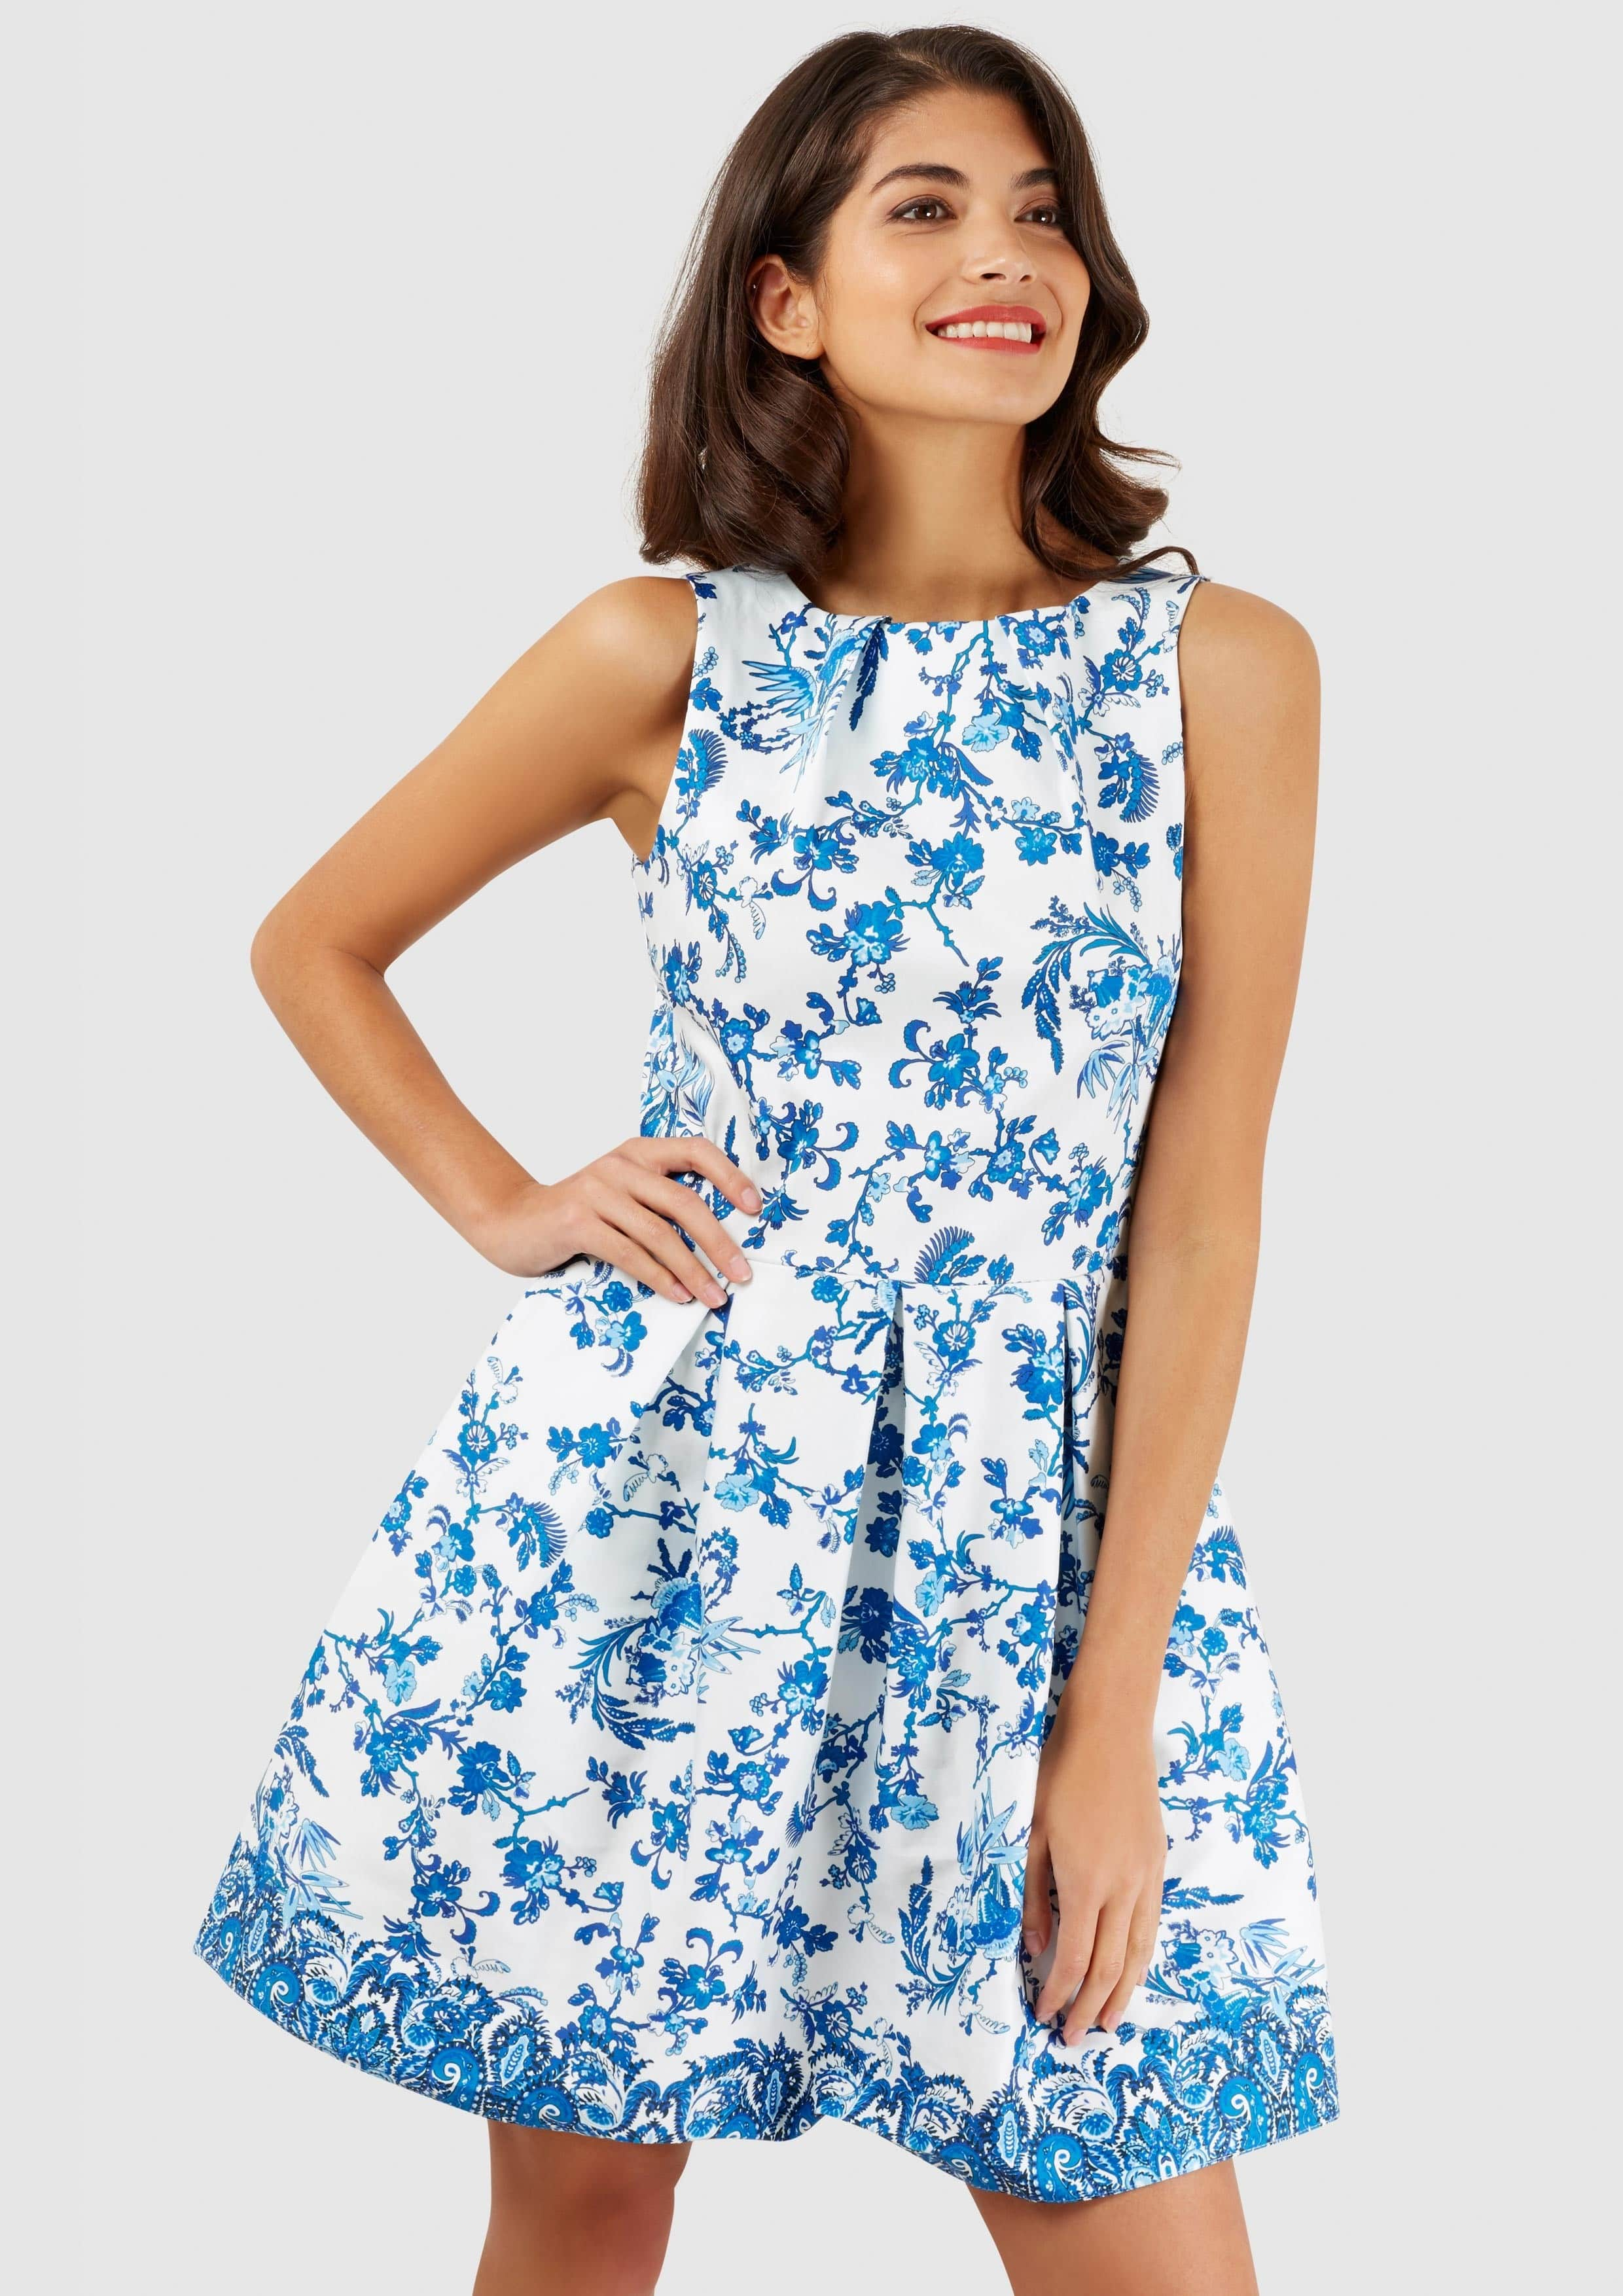 c304cd1799c5 CLOSET London Biele Šaty S Modrými Kvetmi - JoyStore.sk